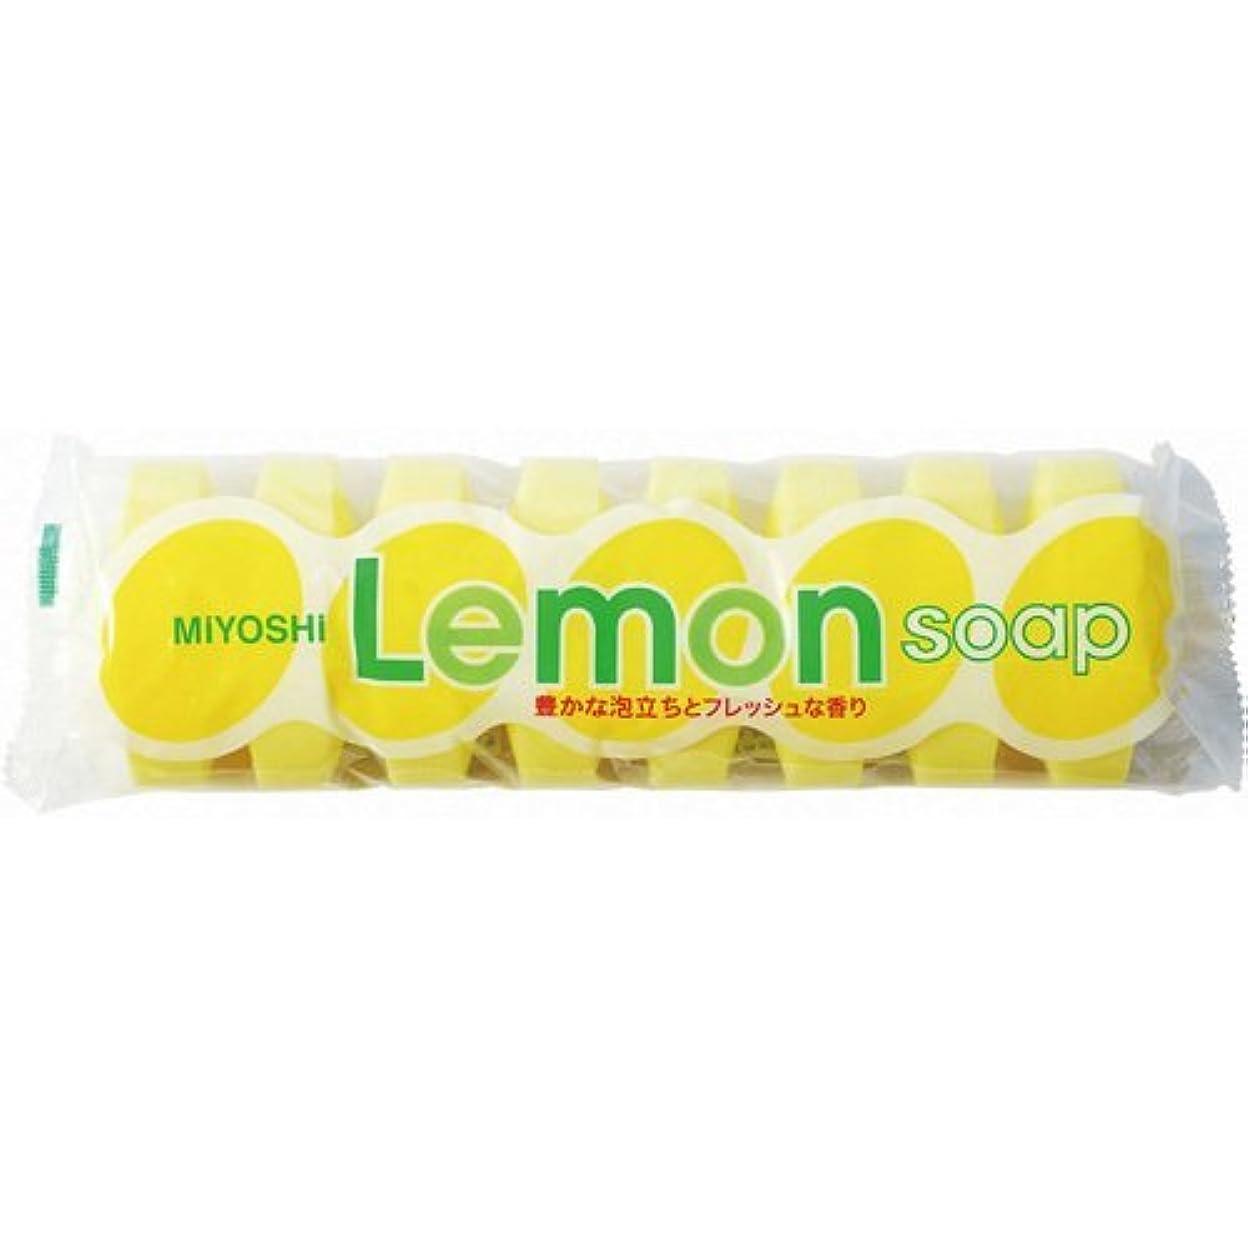 語麻痺させるパイントミヨシ レモンソープ 45g×8個入